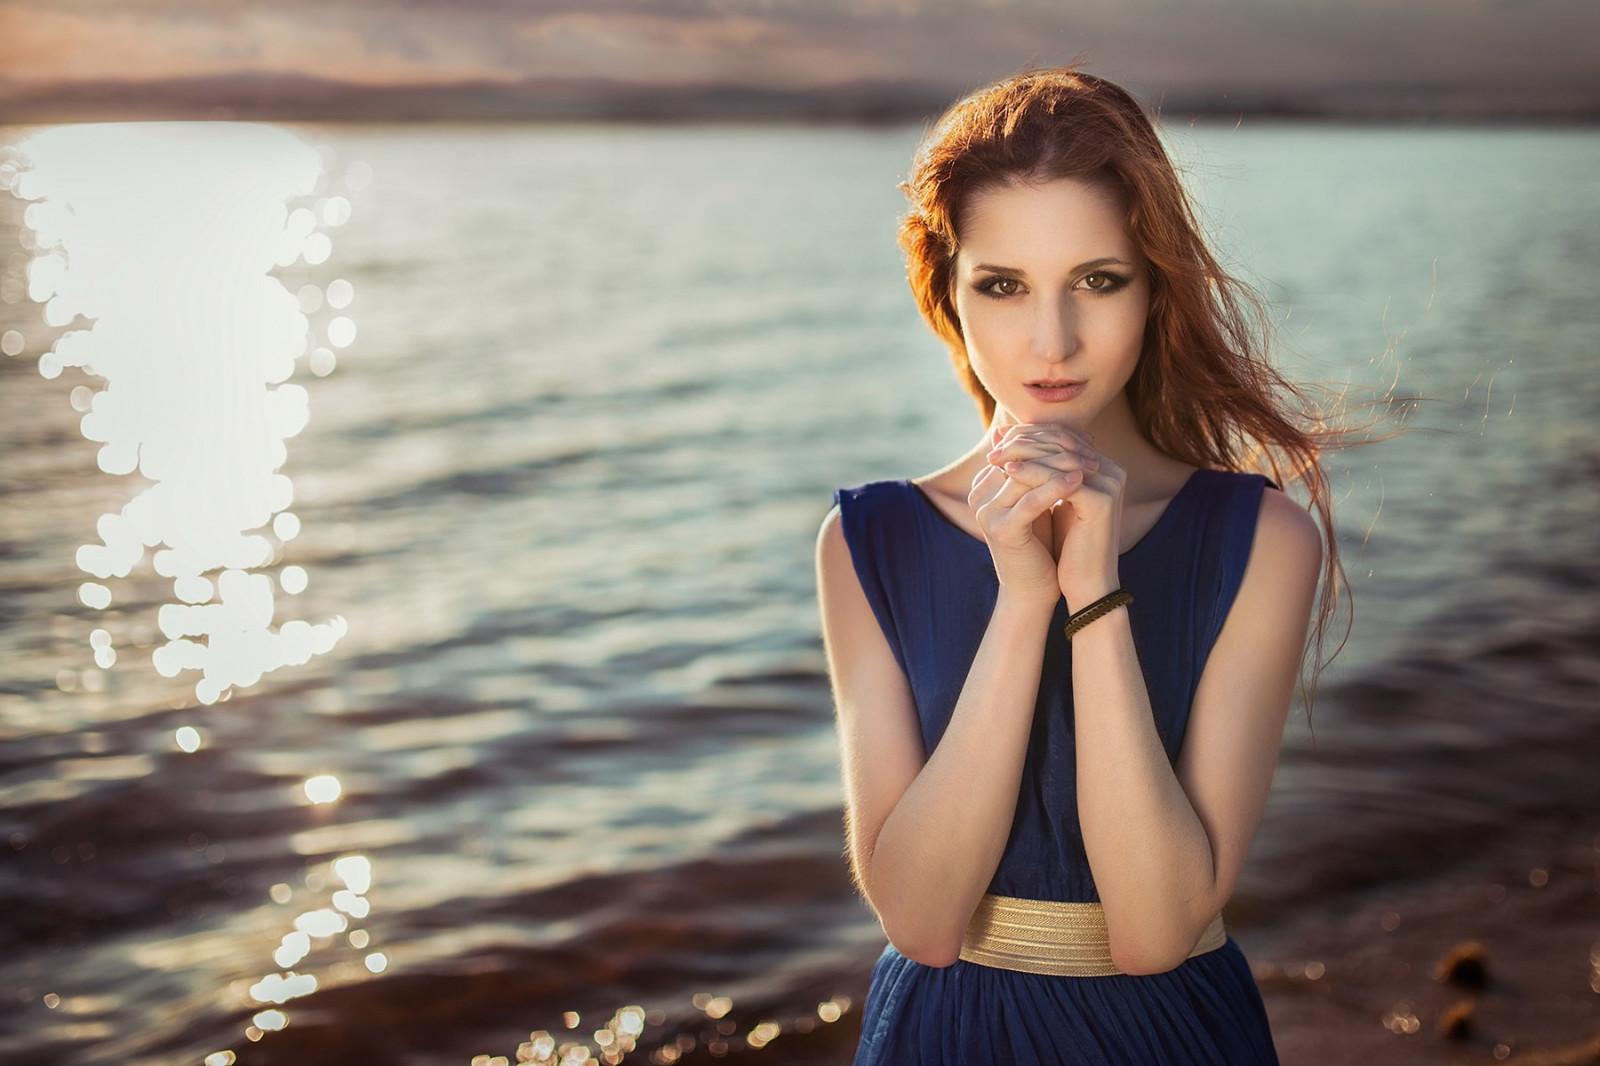 лаковая портрет на море как сфотографировать селеста голая арианна